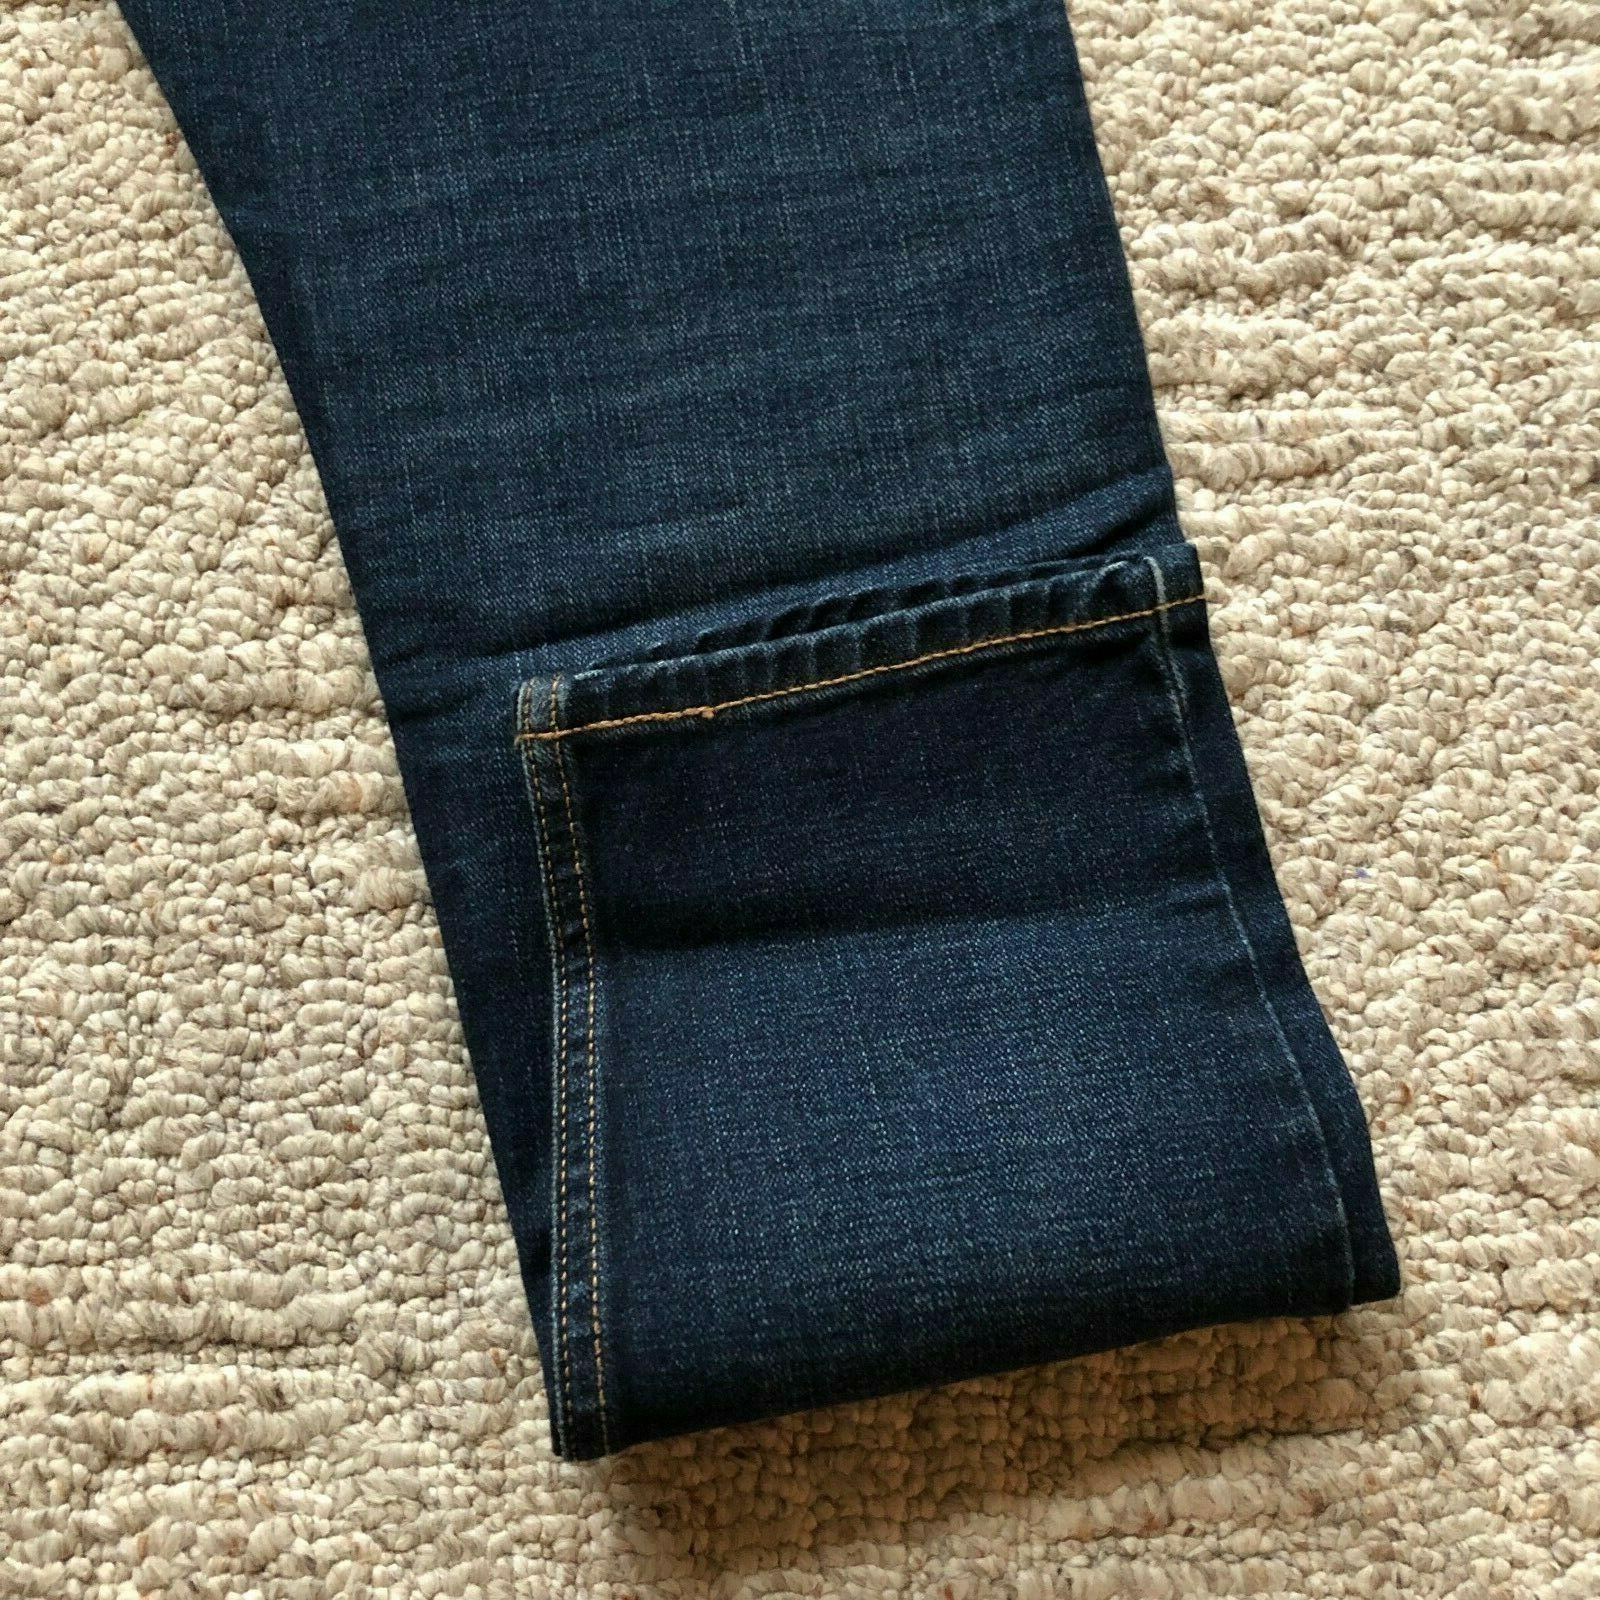 NWT 512 Slim Fit Tapered Leg Jeans Denim Dark Blue